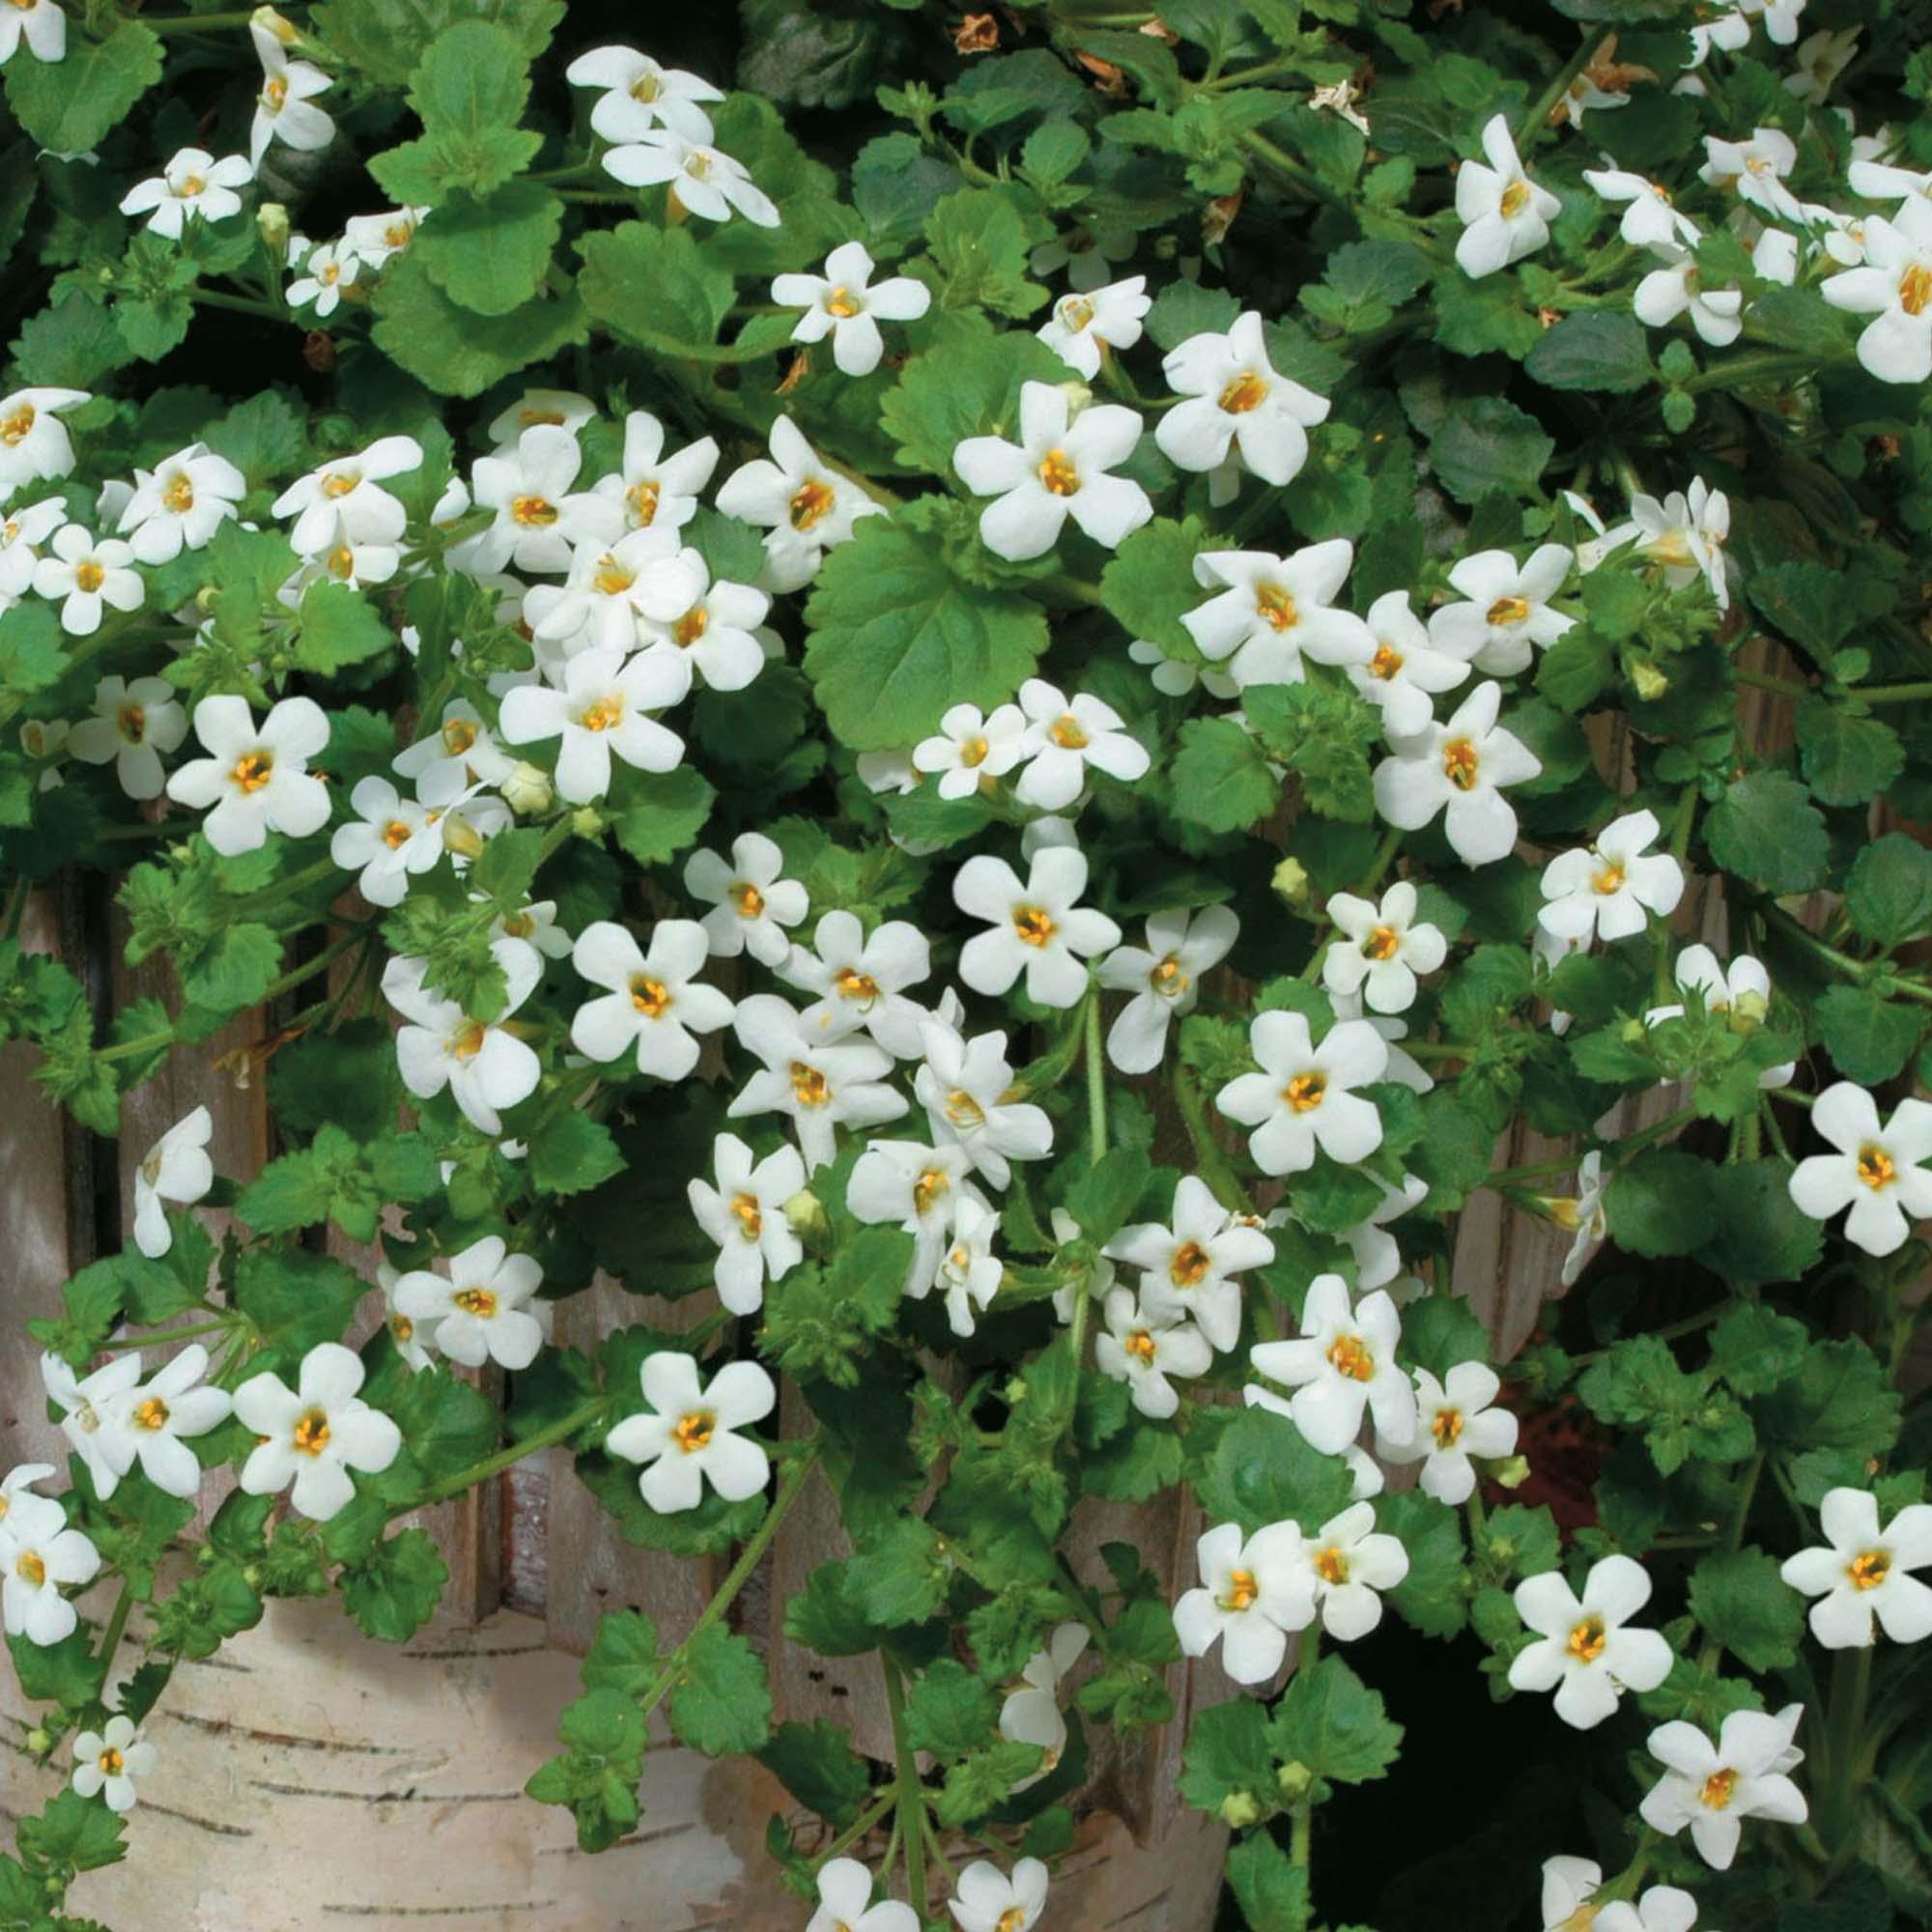 White Trailing Plants At Thompson Morgan